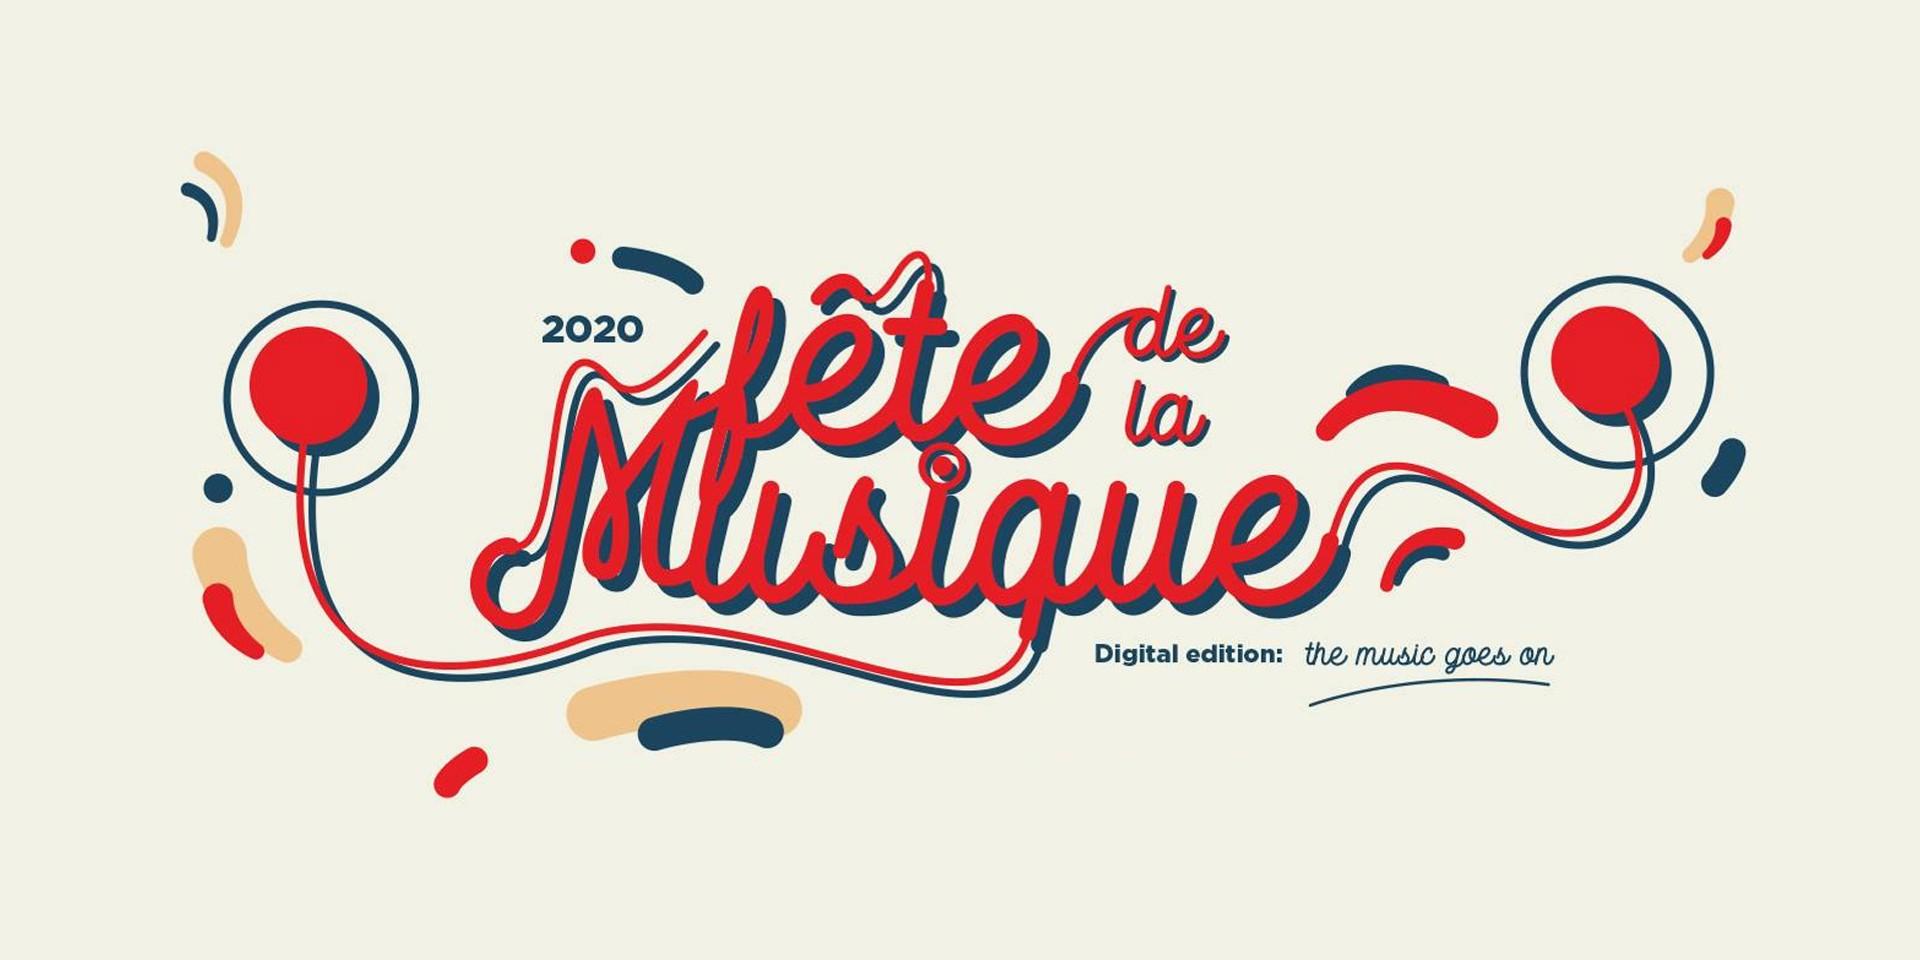 Fête de la Musique Philippines to push through with 2020 festivities online